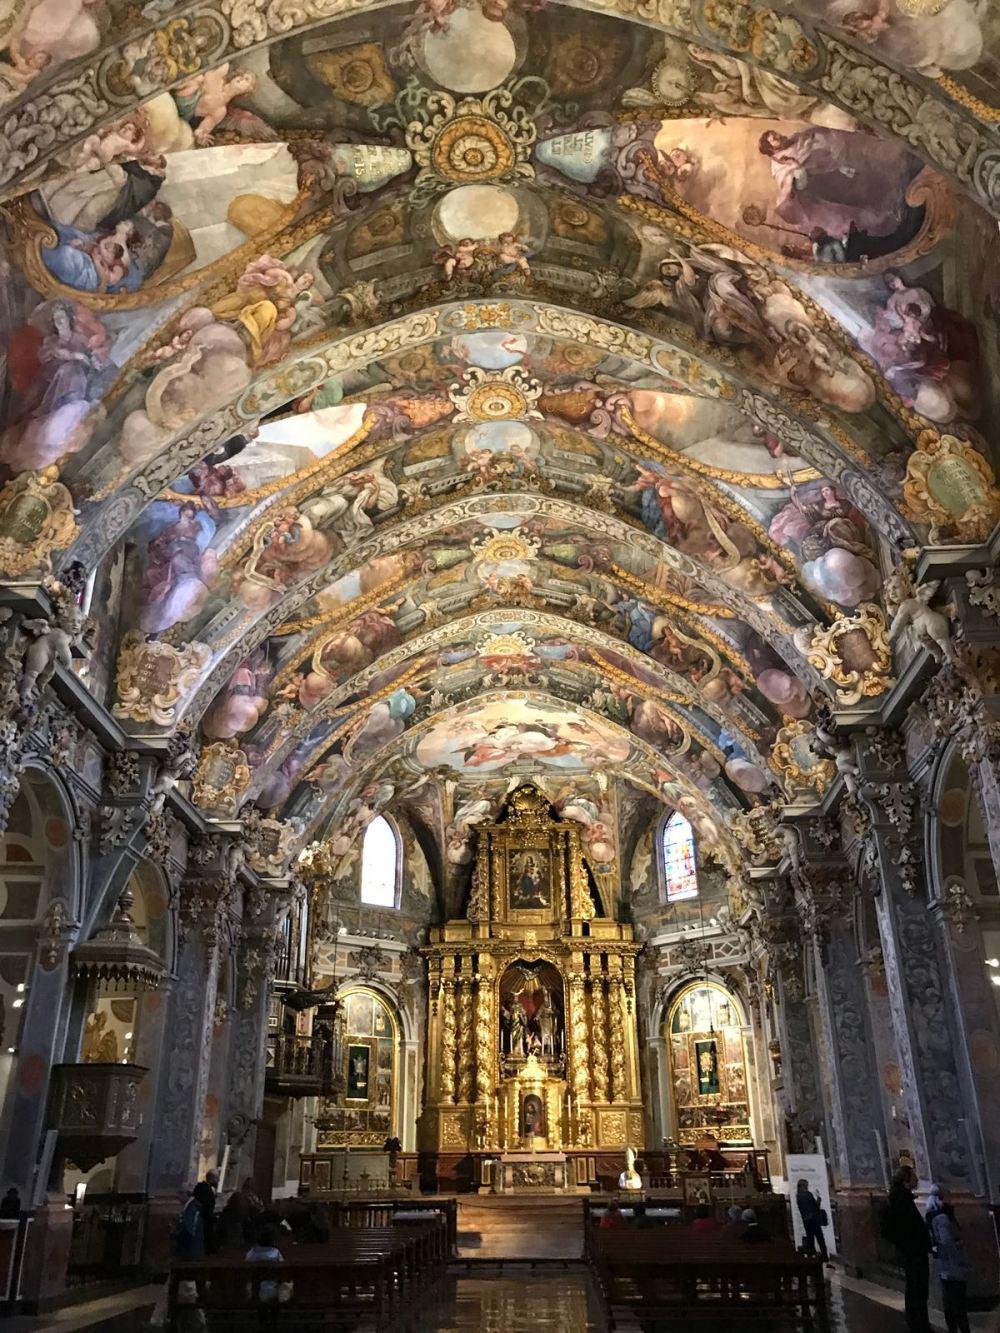 Iglesia de San Nicolas de Valencia, a Capela Sistina espanhola